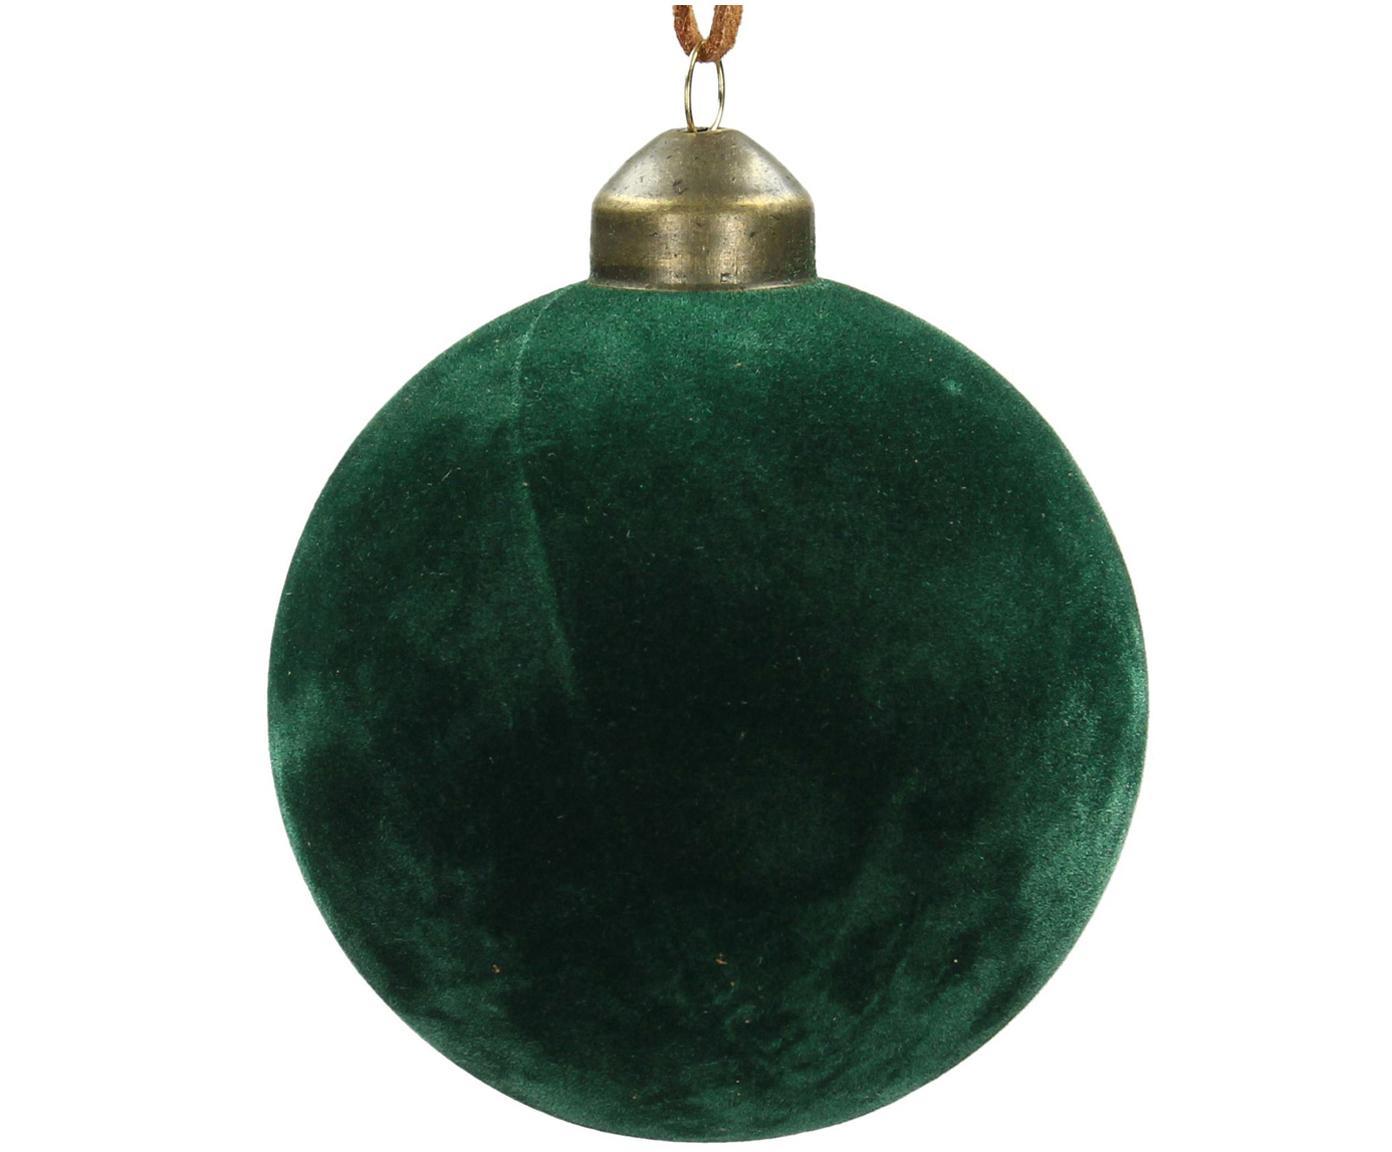 Kerstballen Velvet, 4 stuks, Glas, polyesterfluweel, Dennengroen, Ø 8 cm